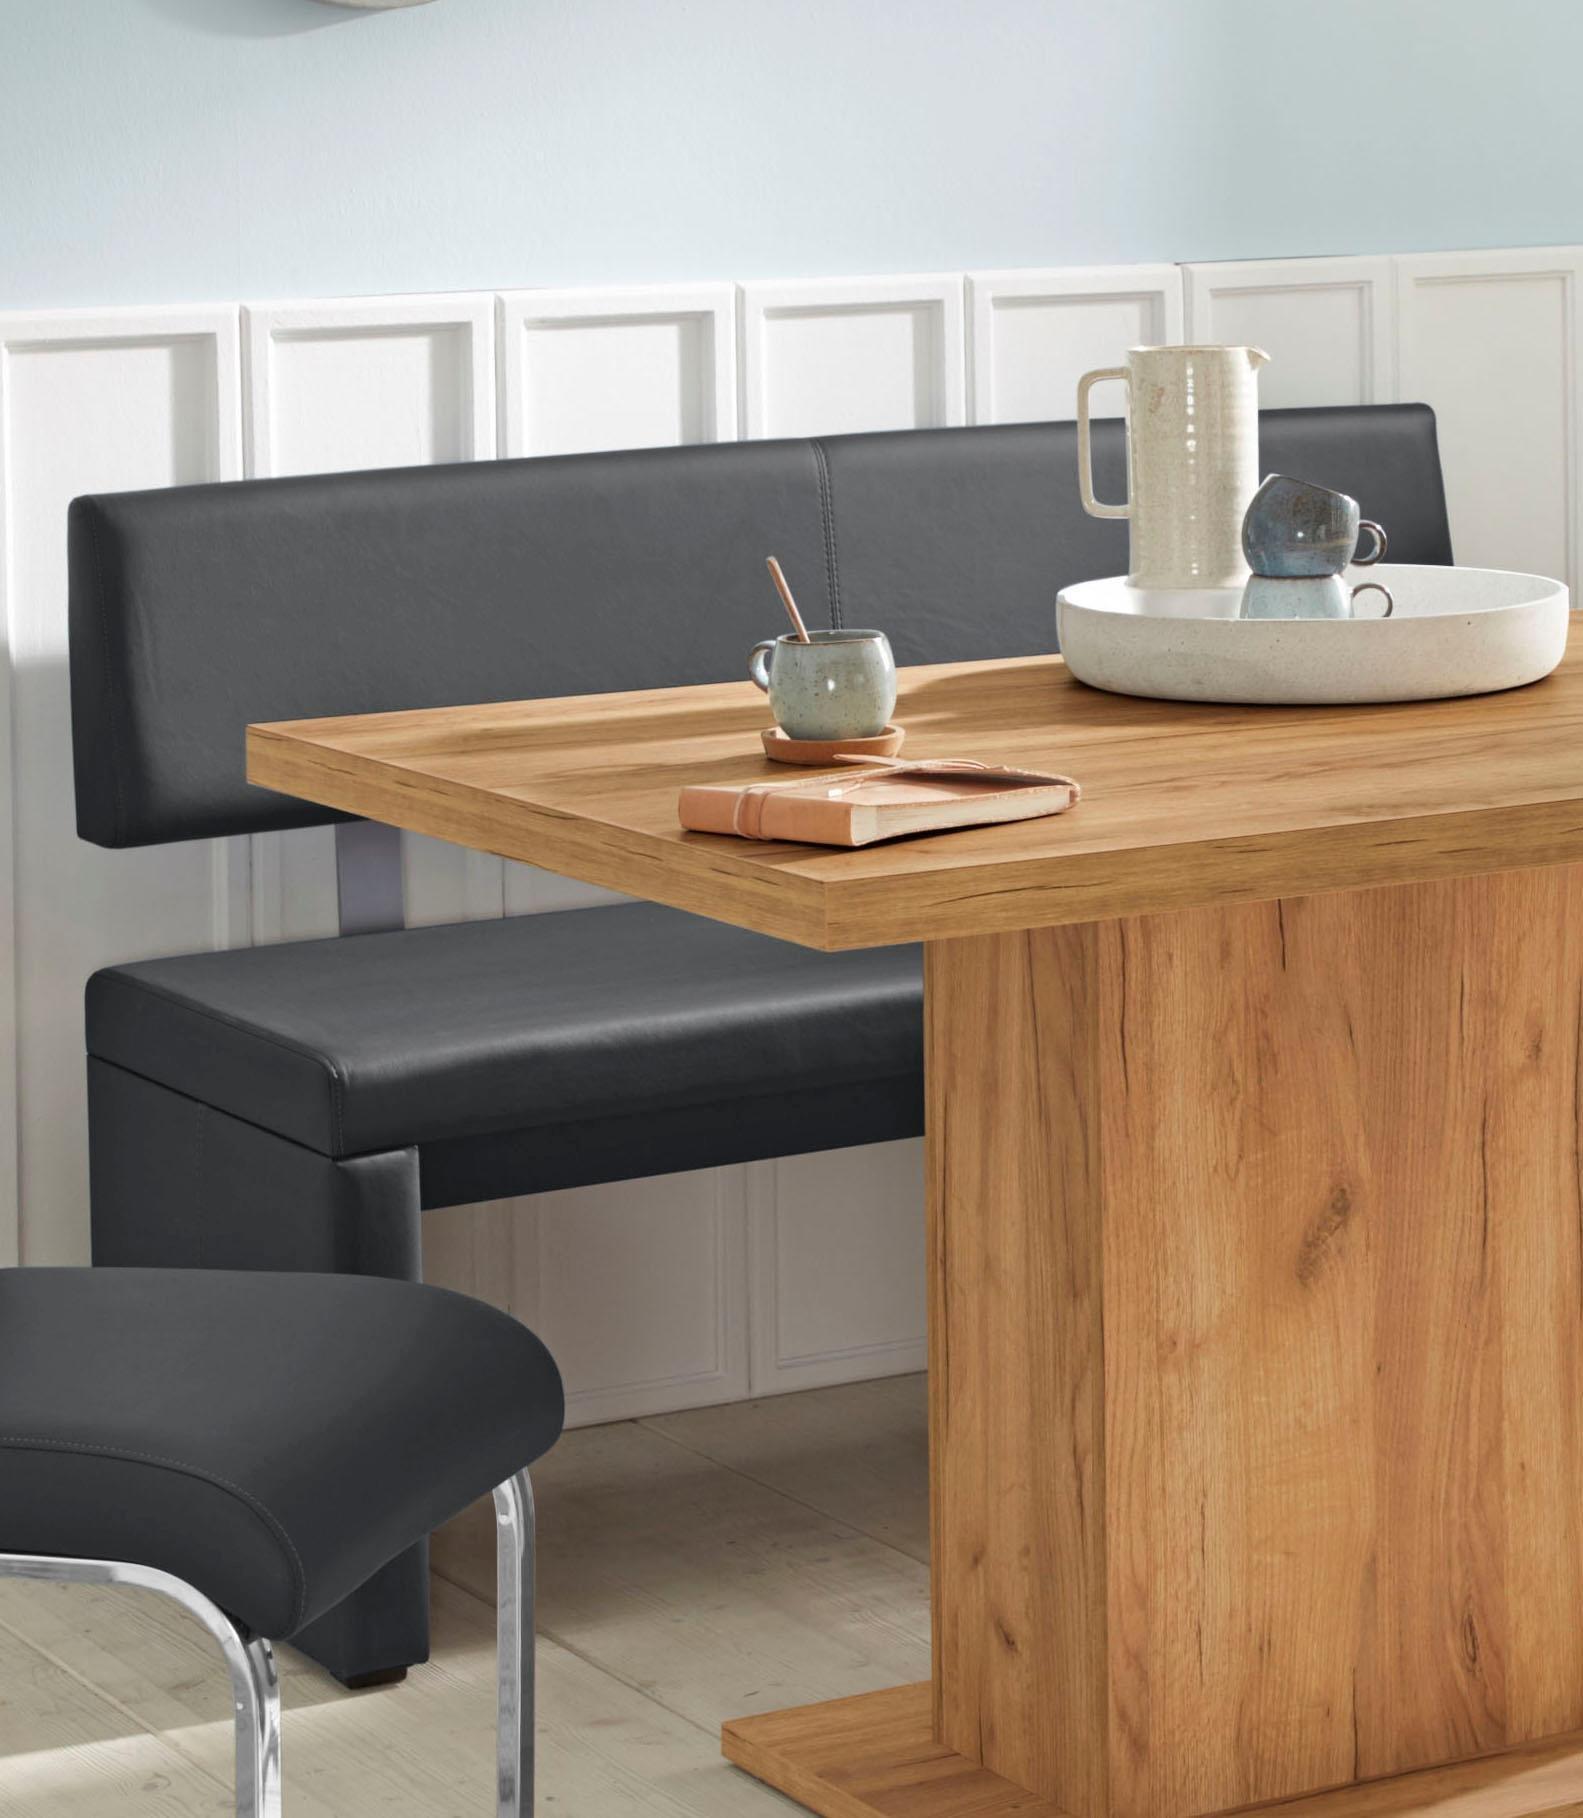 Full Size of Regal Mit Schreibtisch Bett Beleuchtung Einbauküche Selber Bauen Teppich Küche E Geräten Kaufen Ikea Sitzbank Bad Arbeitsplatten Vorratsschrank Weiße Wohnzimmer Küche Mit Sitzbank